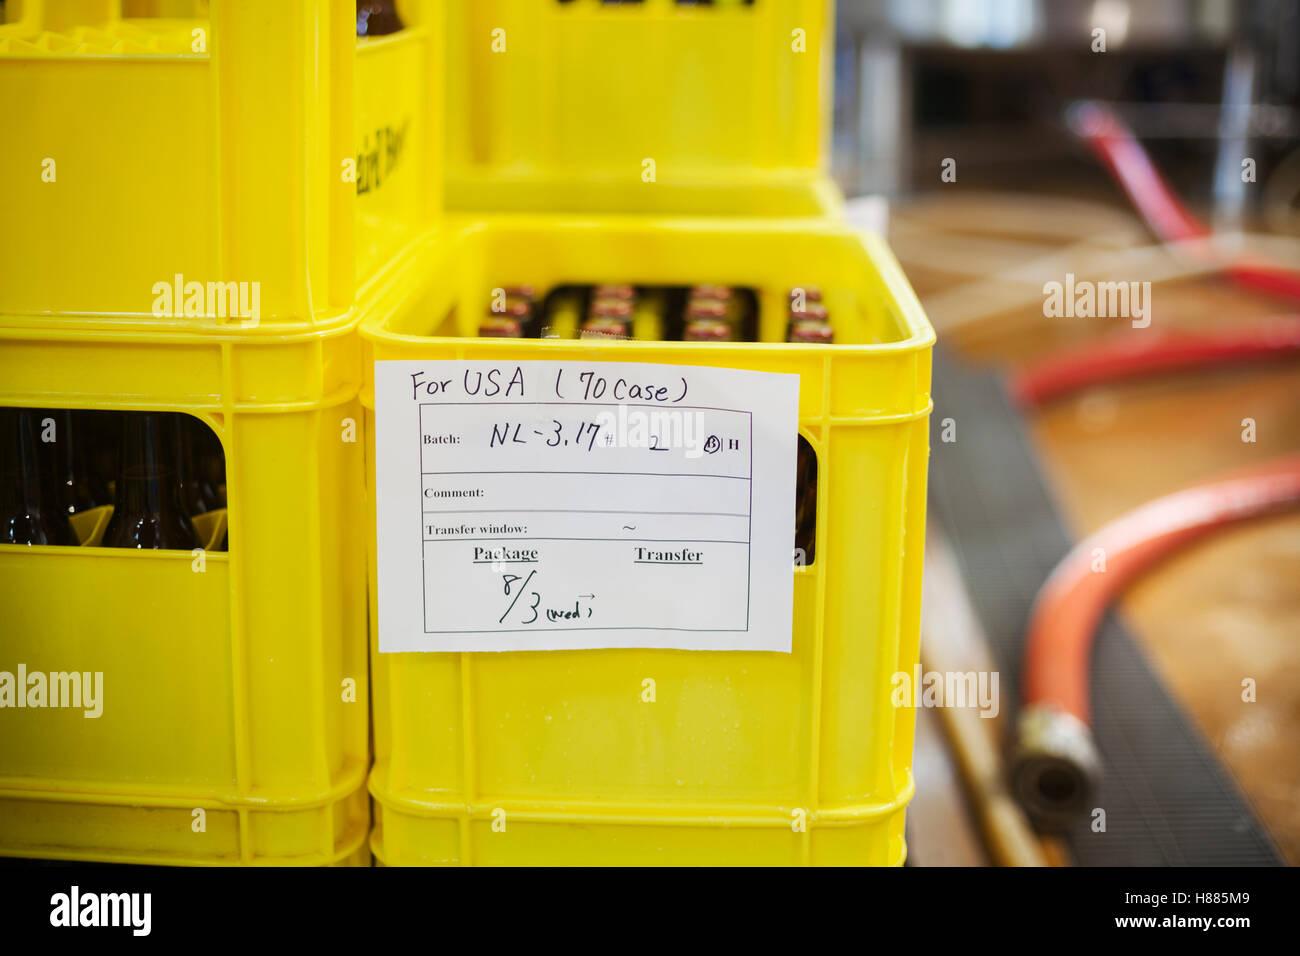 gros plan dune caisse en plastique jaune avec les bouteilles de bire une tiquette manuscrite - Caisse Biere Plastique